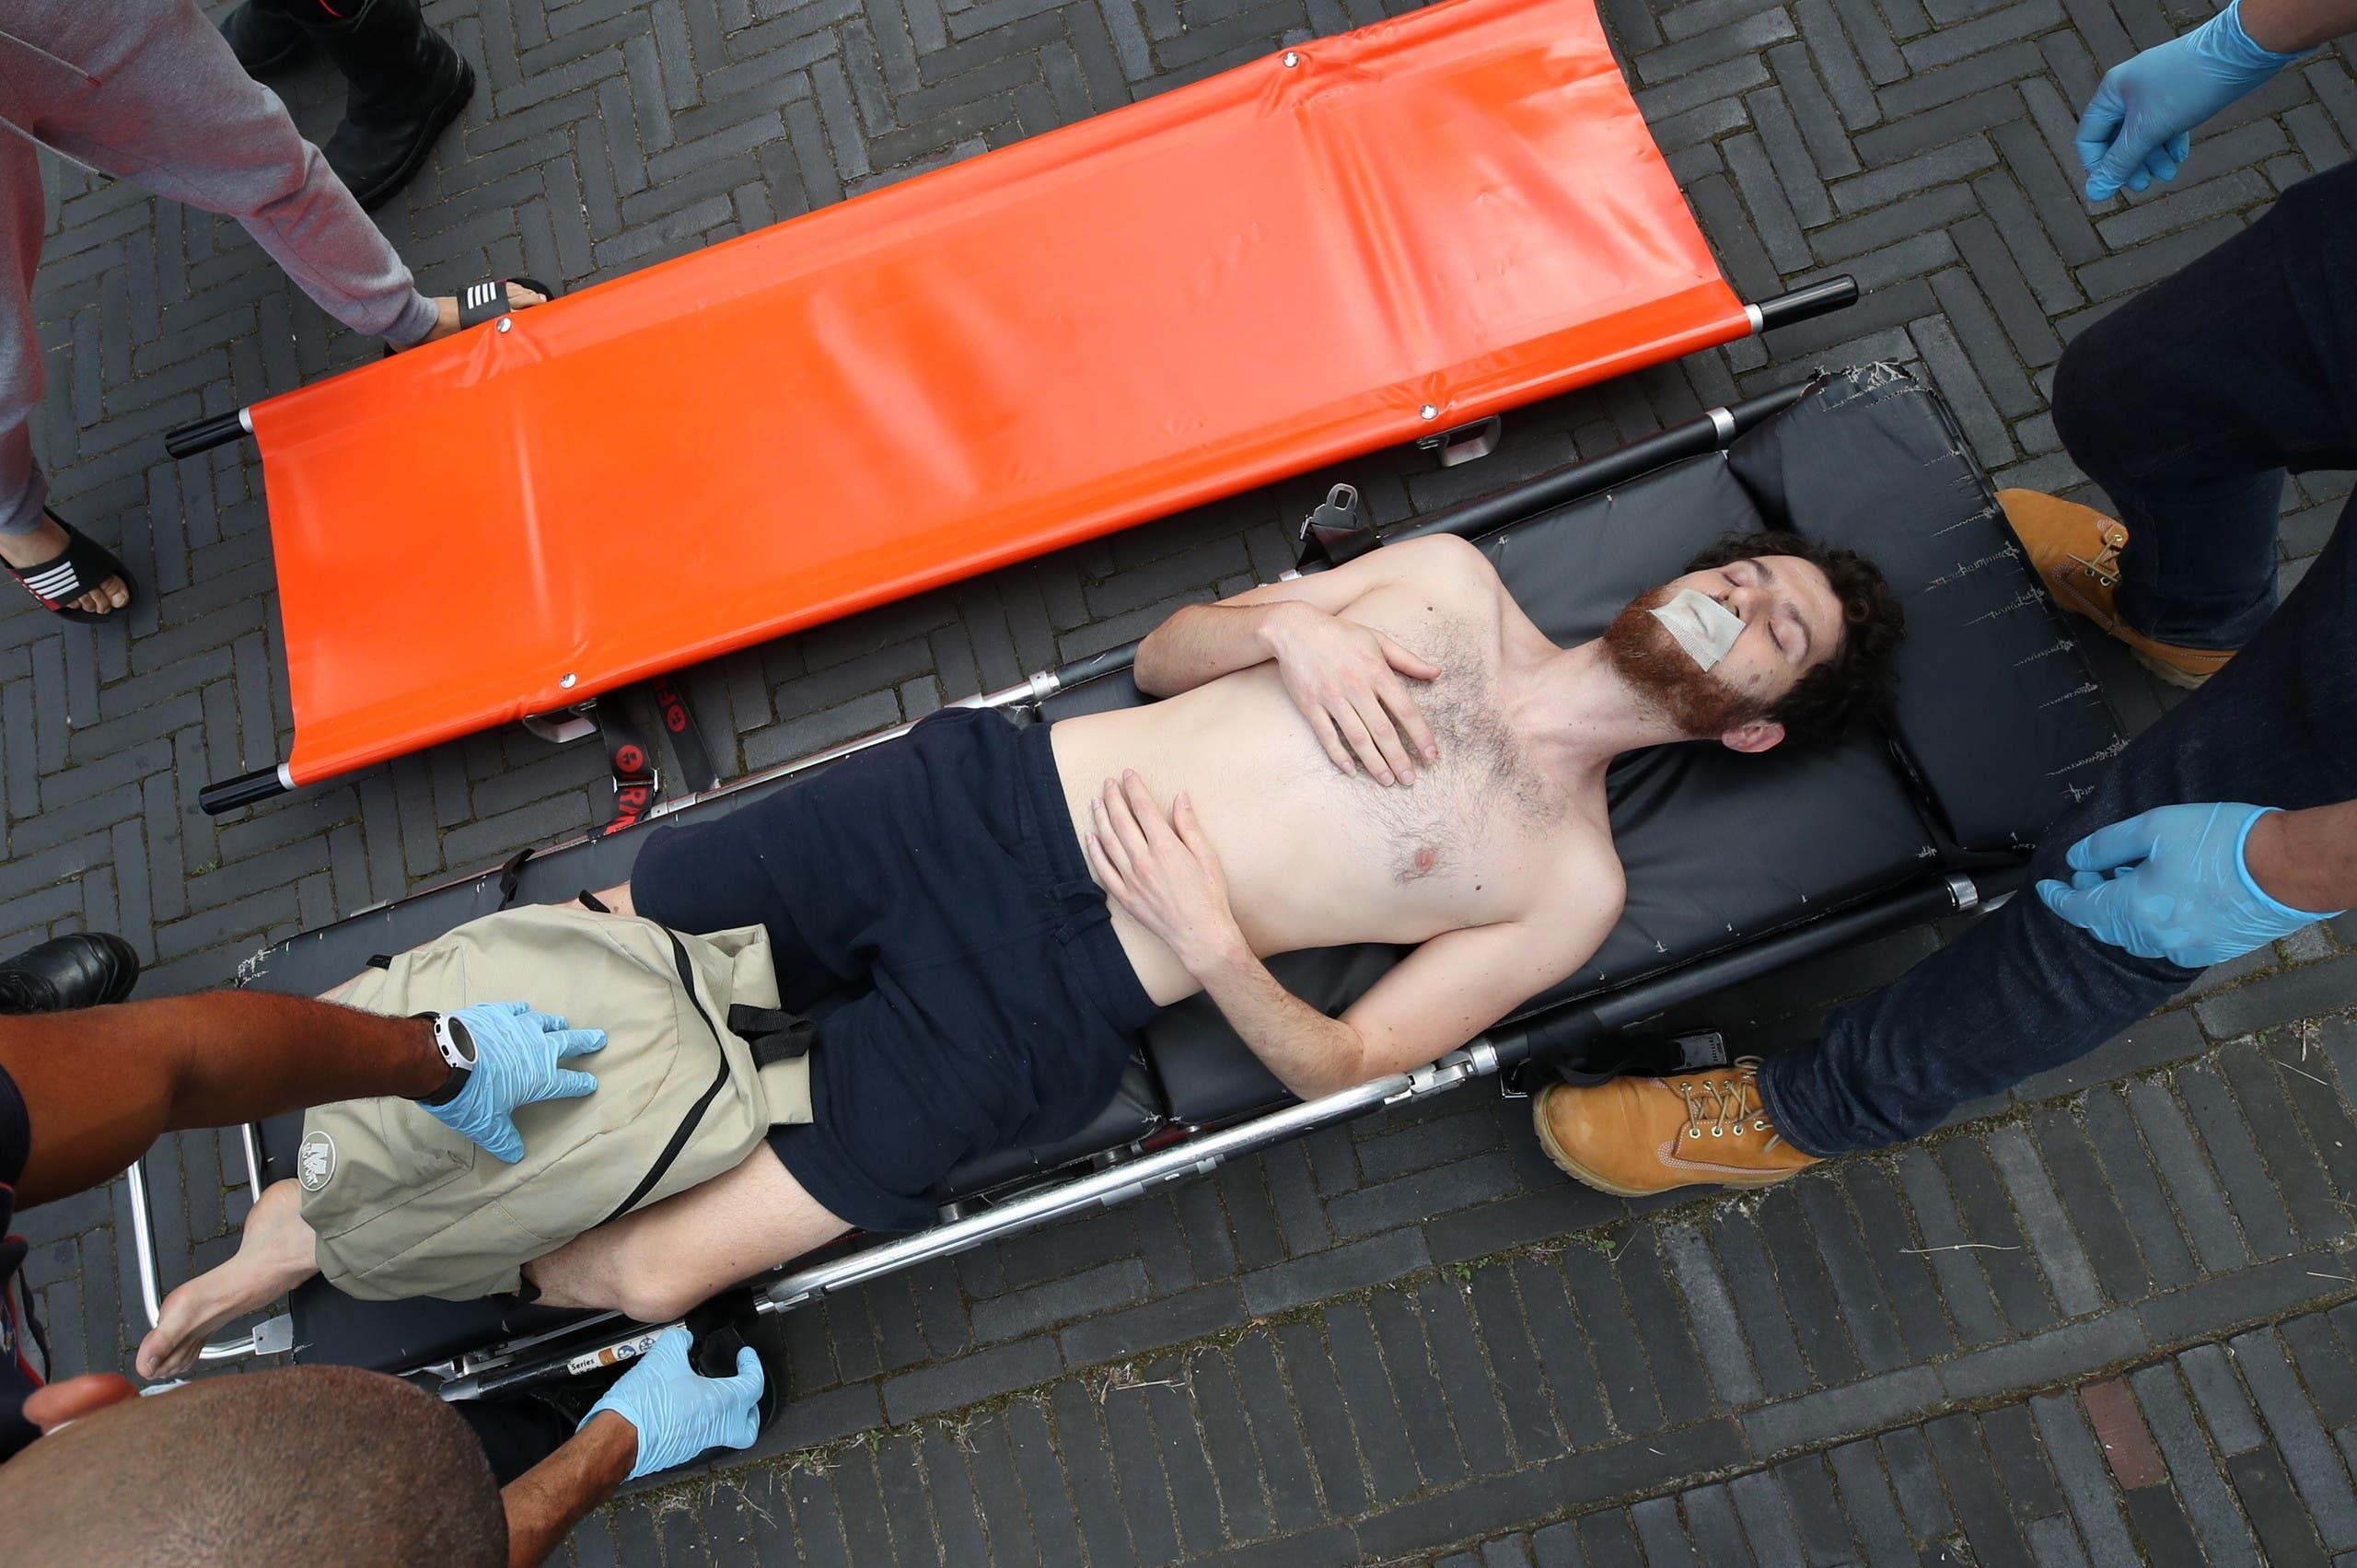 أحد المهاجرين المضربين عن الطعام يتلقى عناية طبية